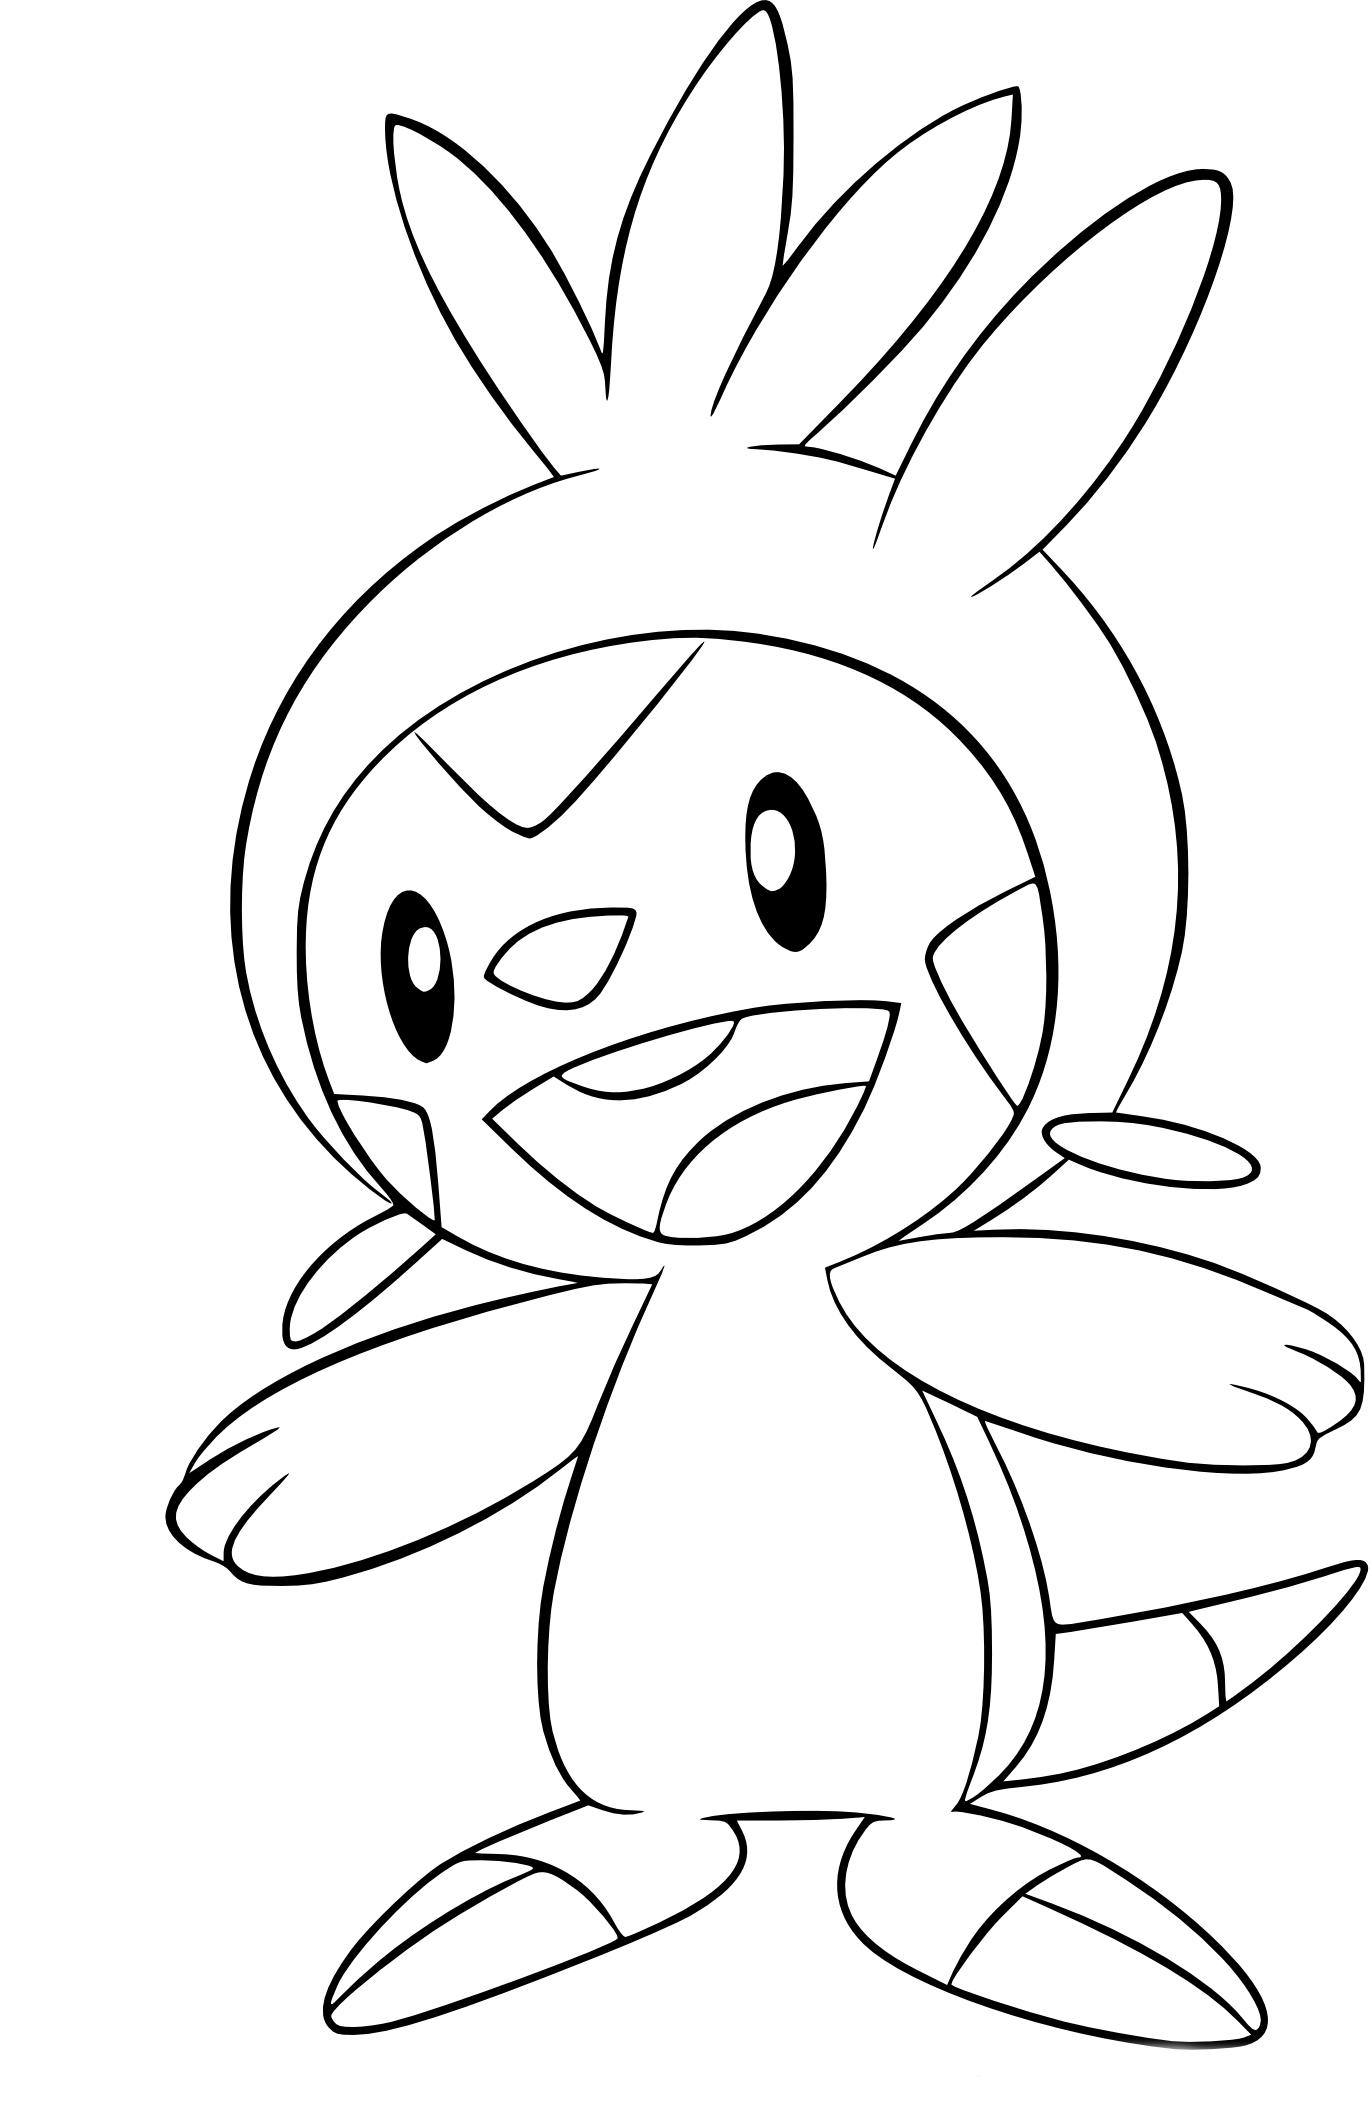 Coloriage Marisson Pokemon à imprimer